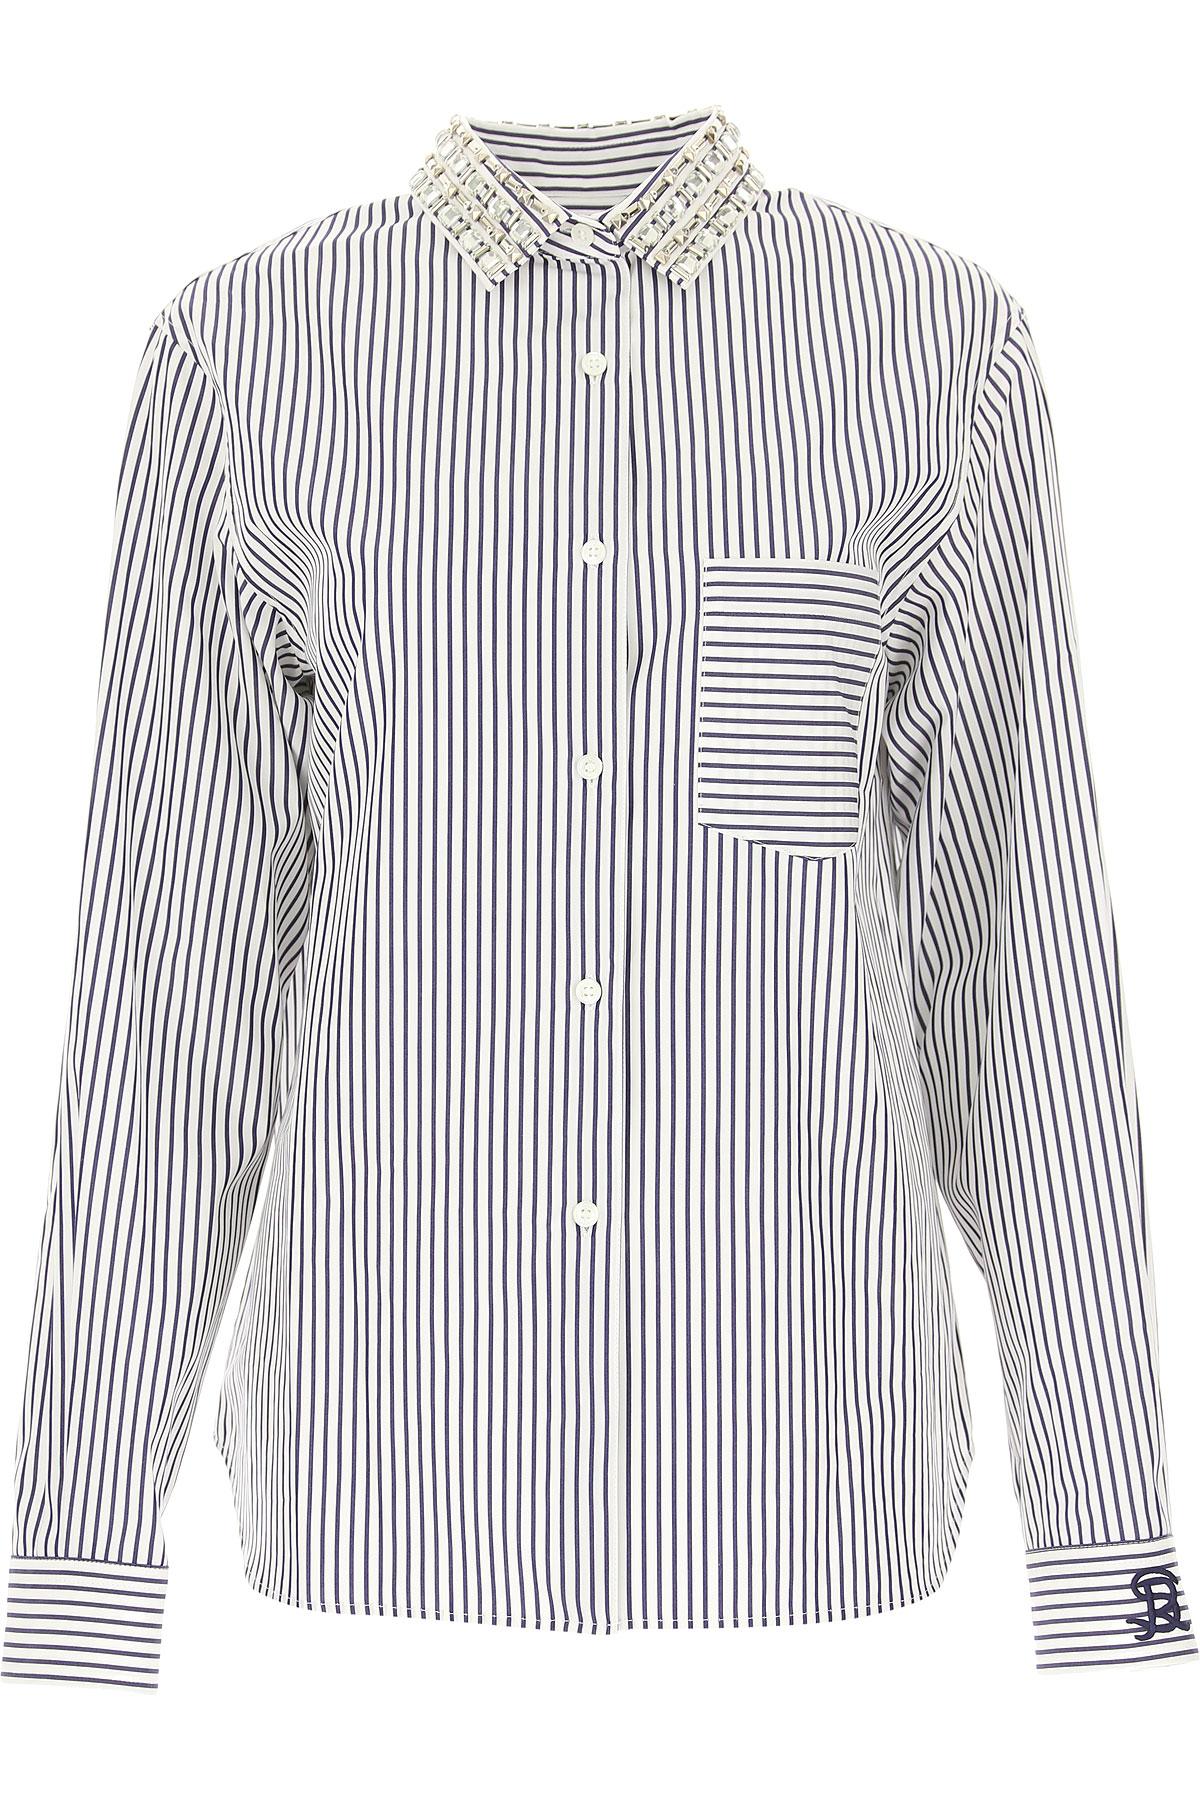 Image of Sonia Rykiel Shirt for Women, White, Cotton, 2017, 26